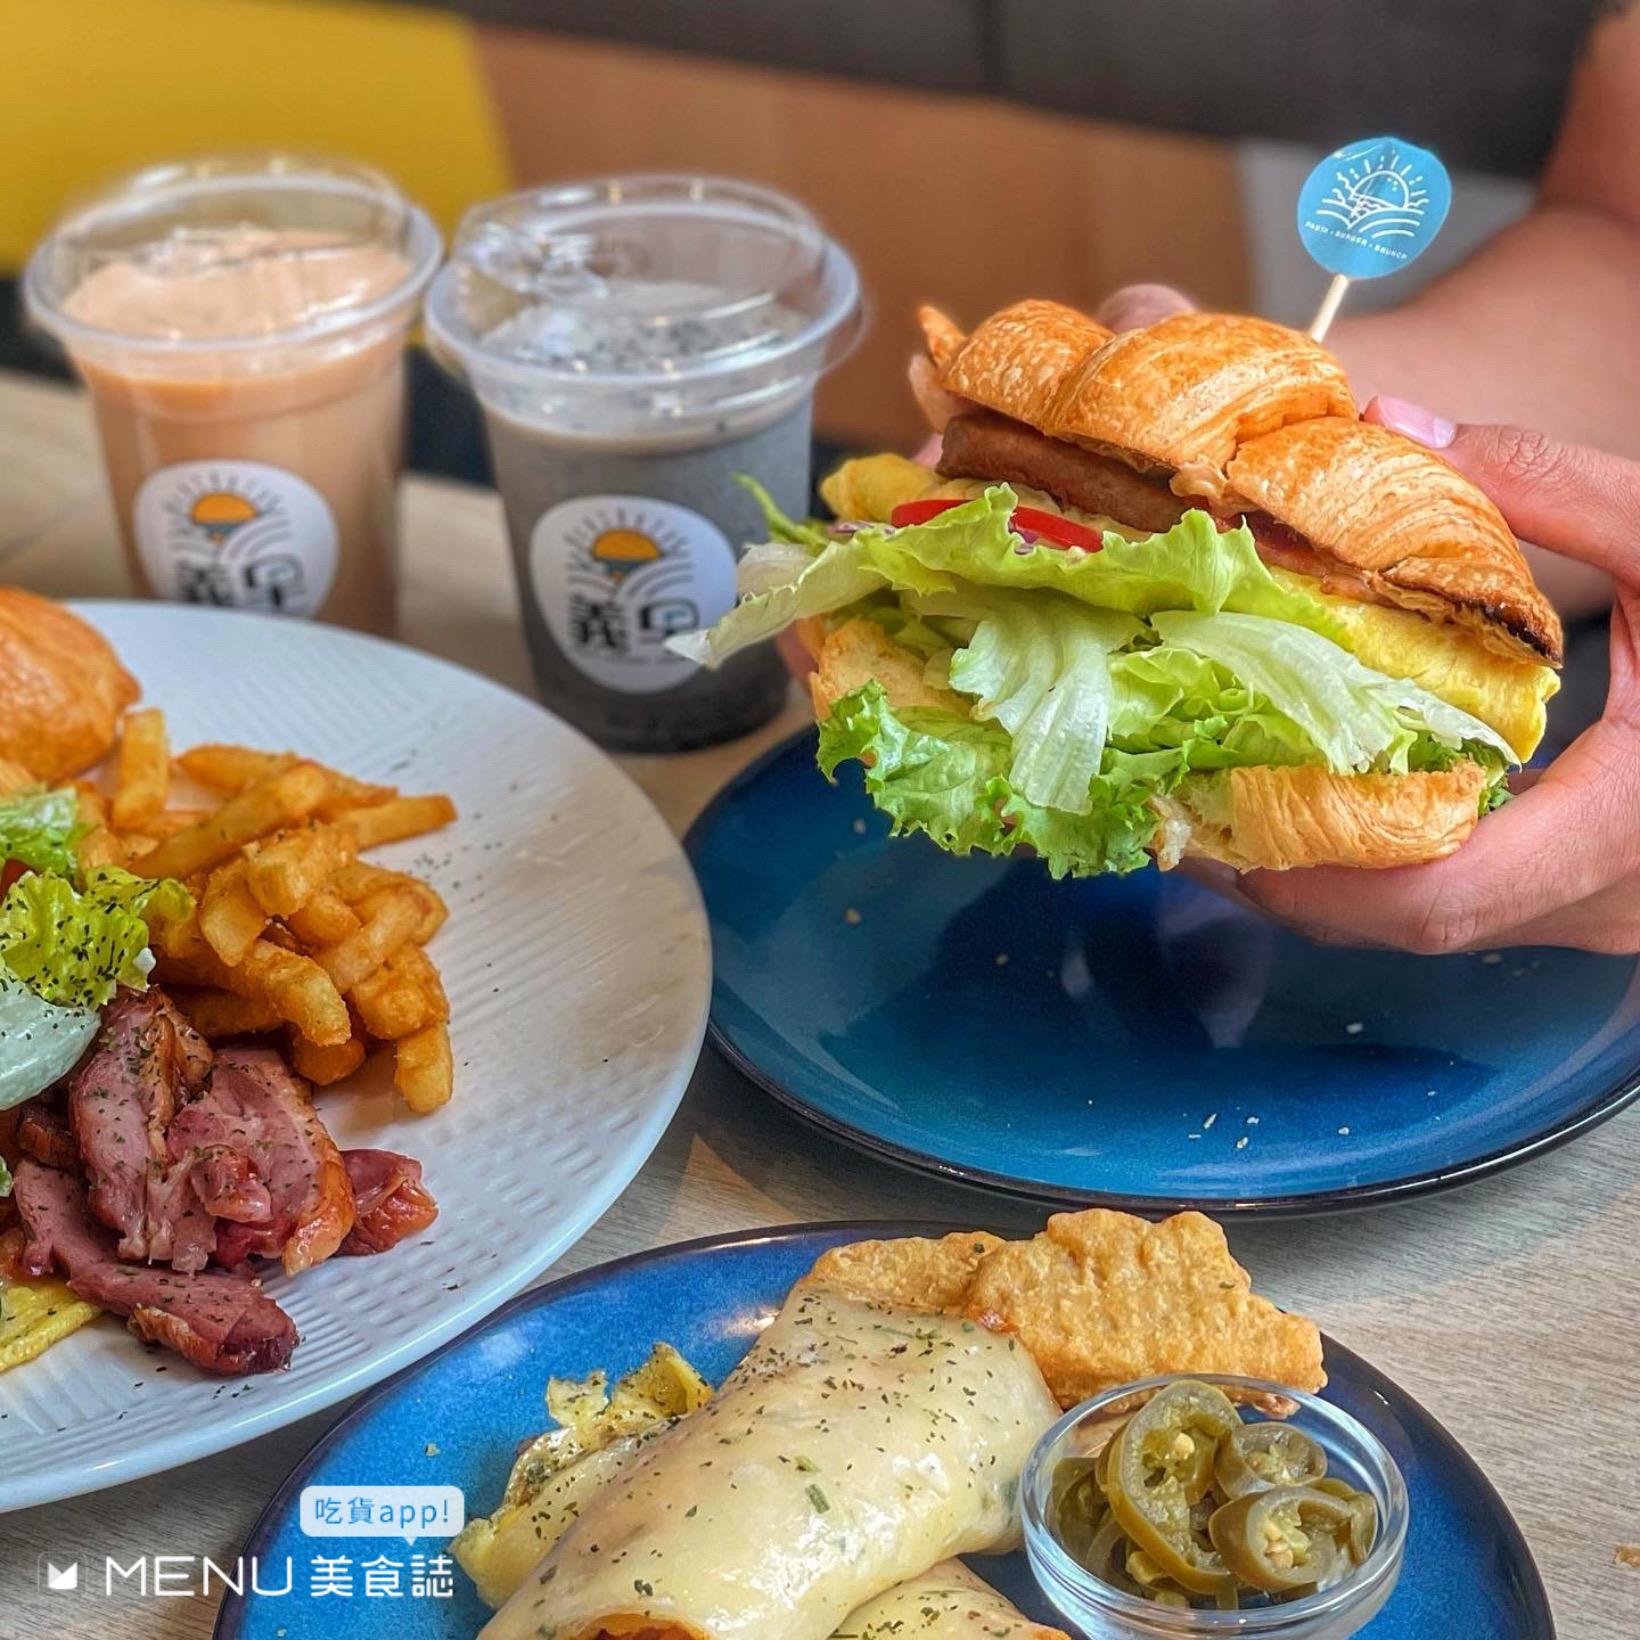 【校園美食特輯】清大、交大生看過來!新竹早已擺脫美食沙漠惡名!百元有找海鮮丼、多汁美式漢堡,想去咖啡廳坐坐也ok!